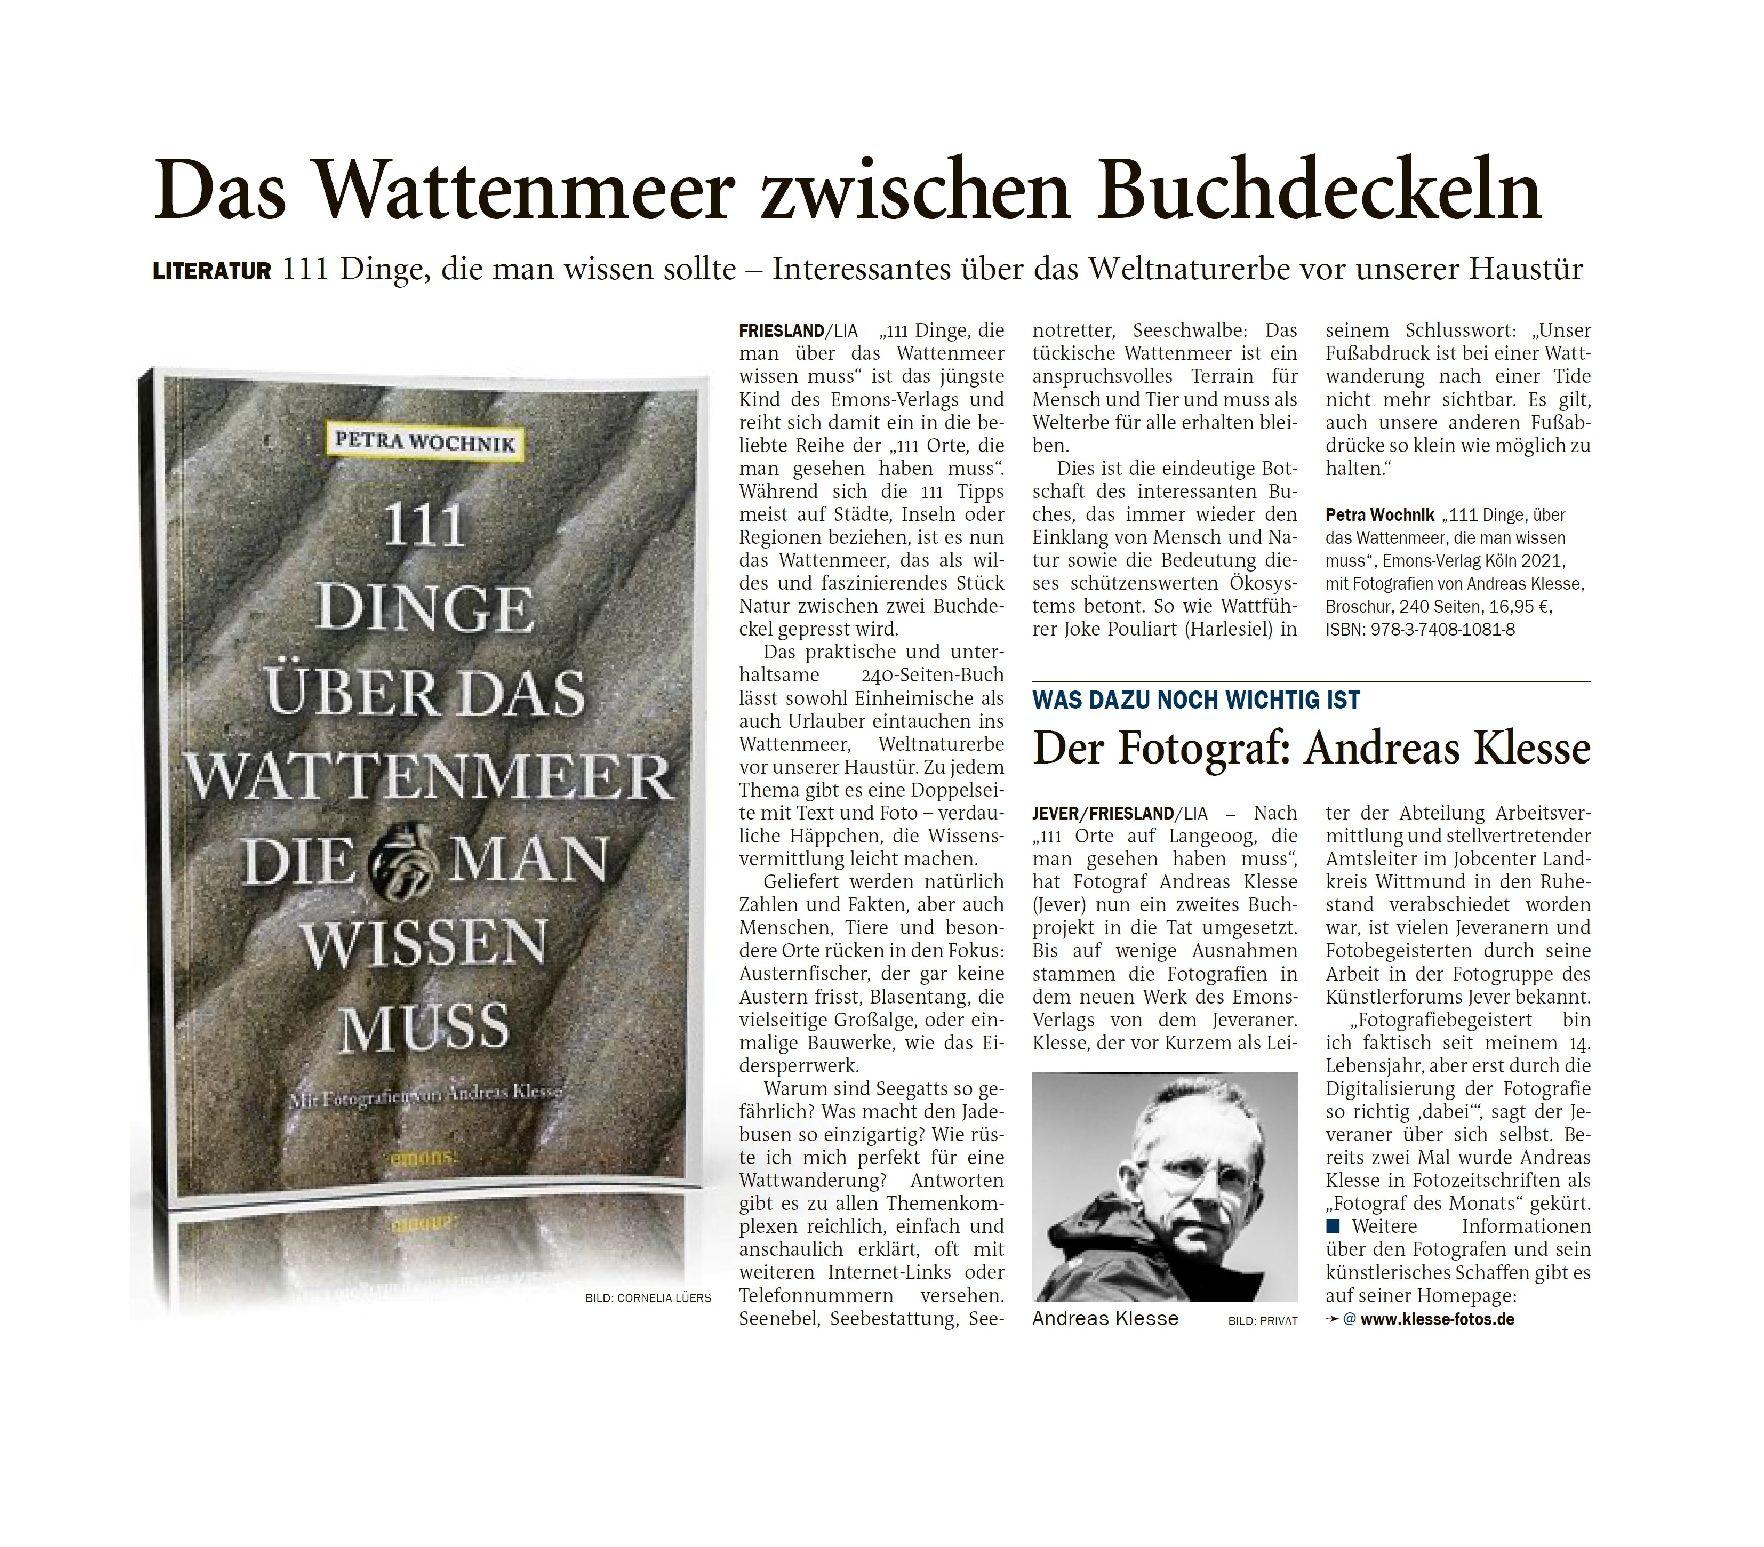 Jeversches Wochenblatt 12.05.2021 II